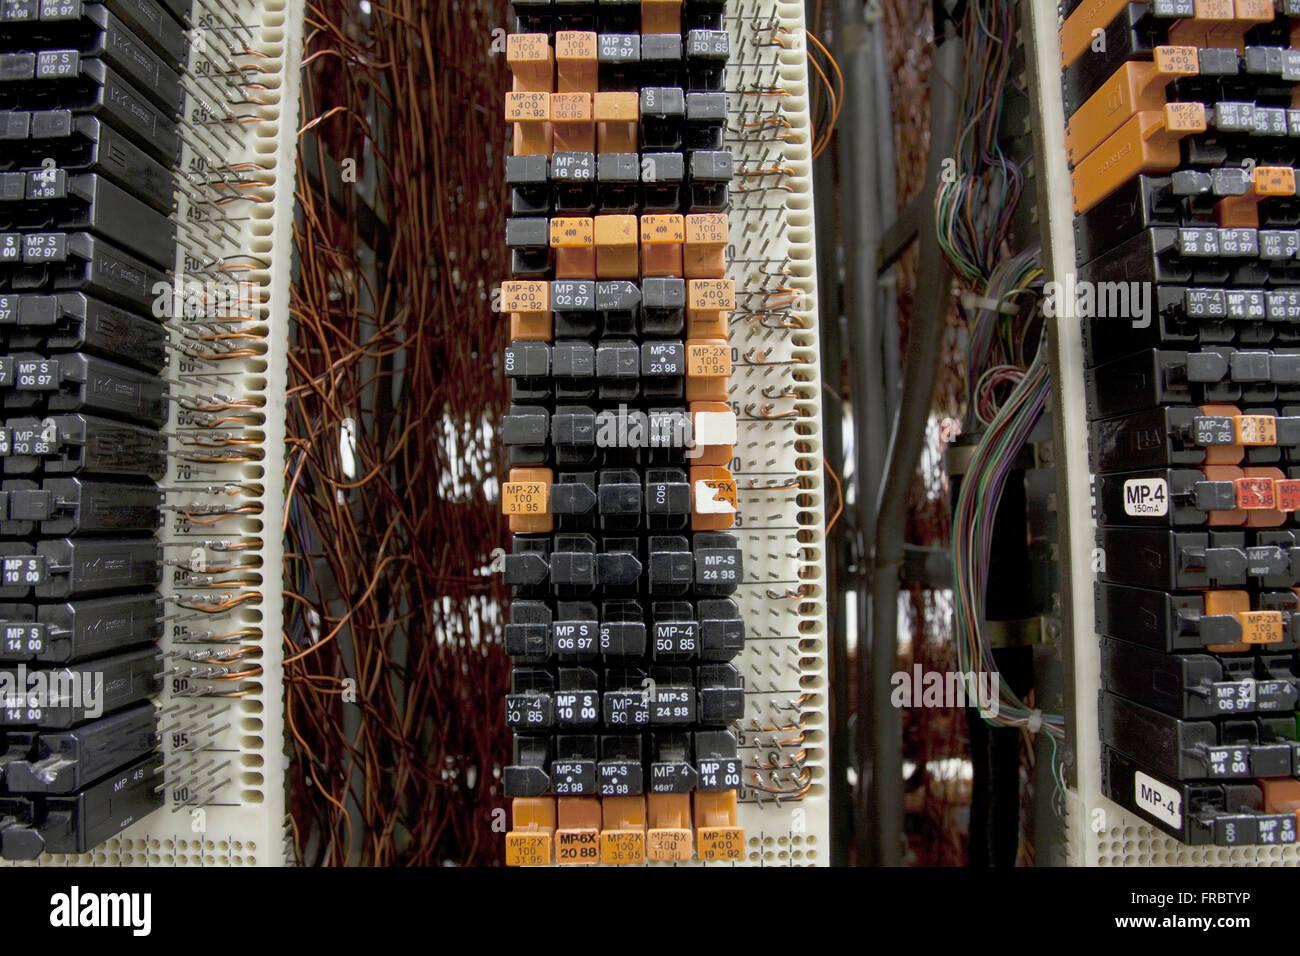 Distributor Stock Photos & Distributor Stock Images - Alamy